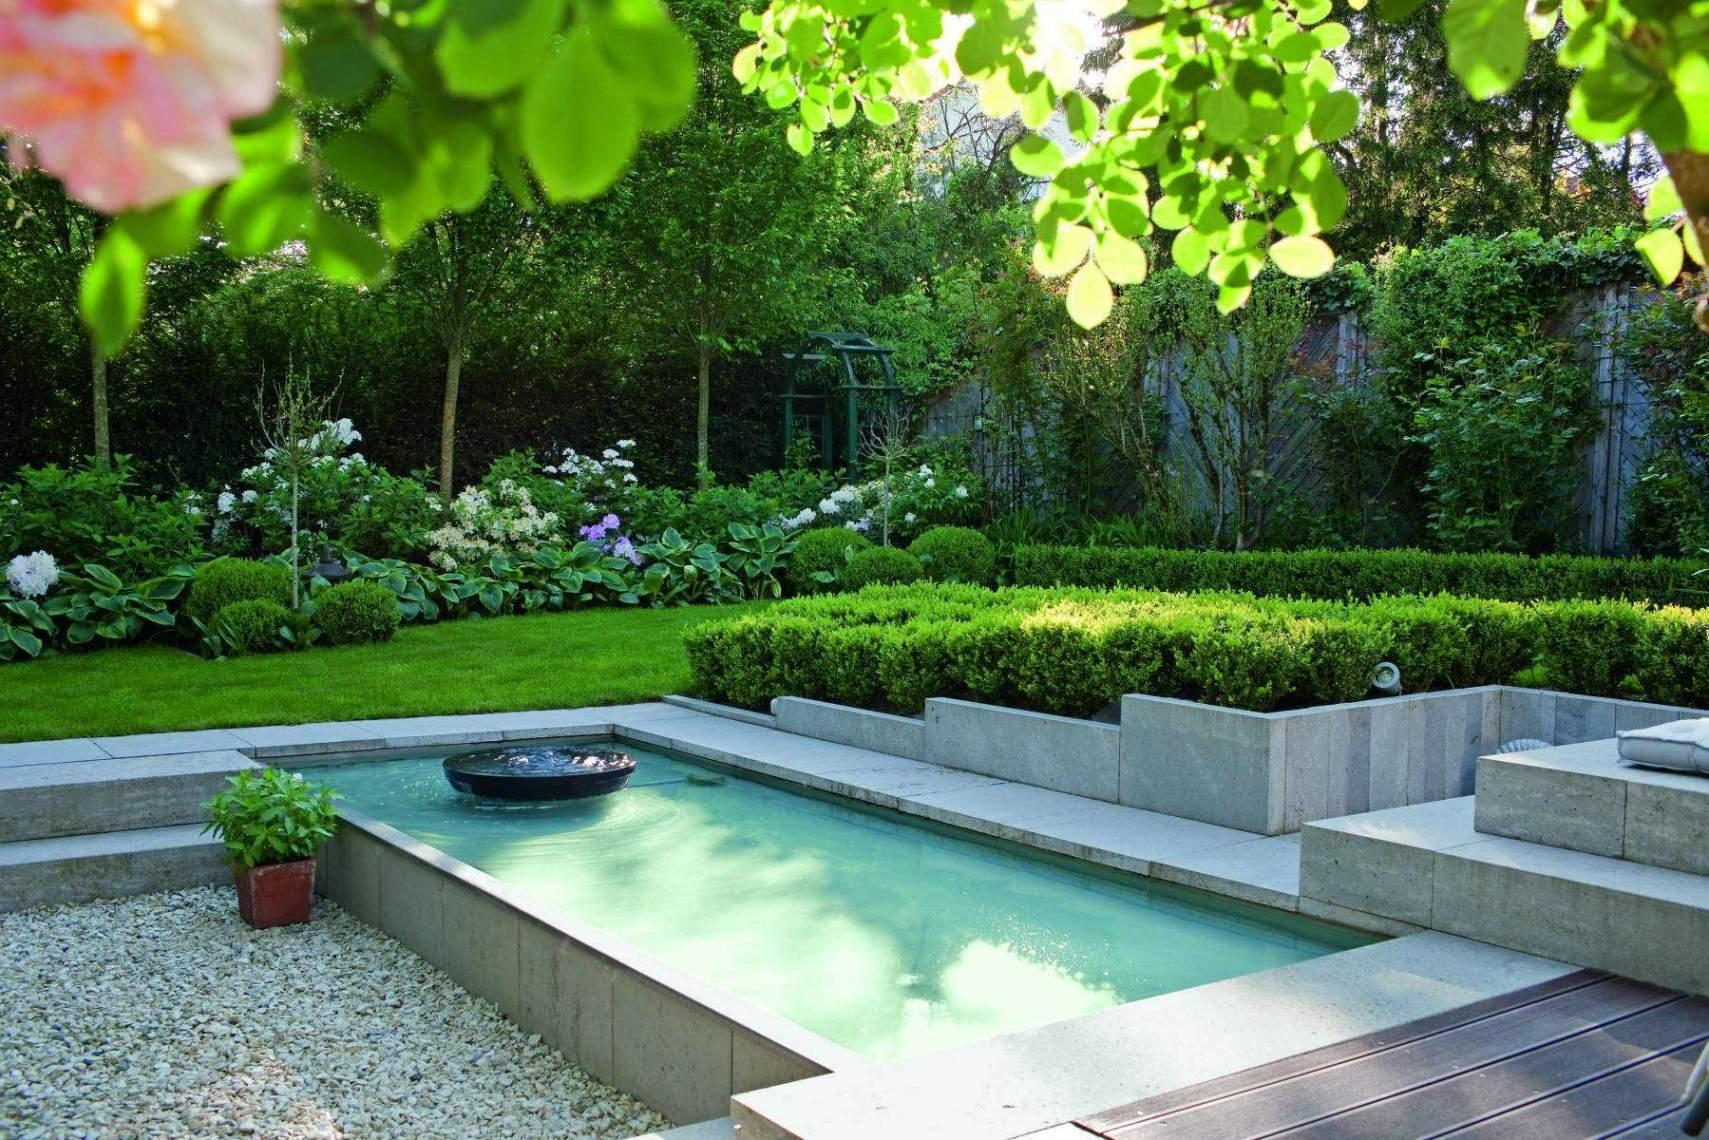 Kleine Pools Für Kleine Gärten Das Beste Von Kleine Pools Für Kleine Gärten — Temobardz Home Blog